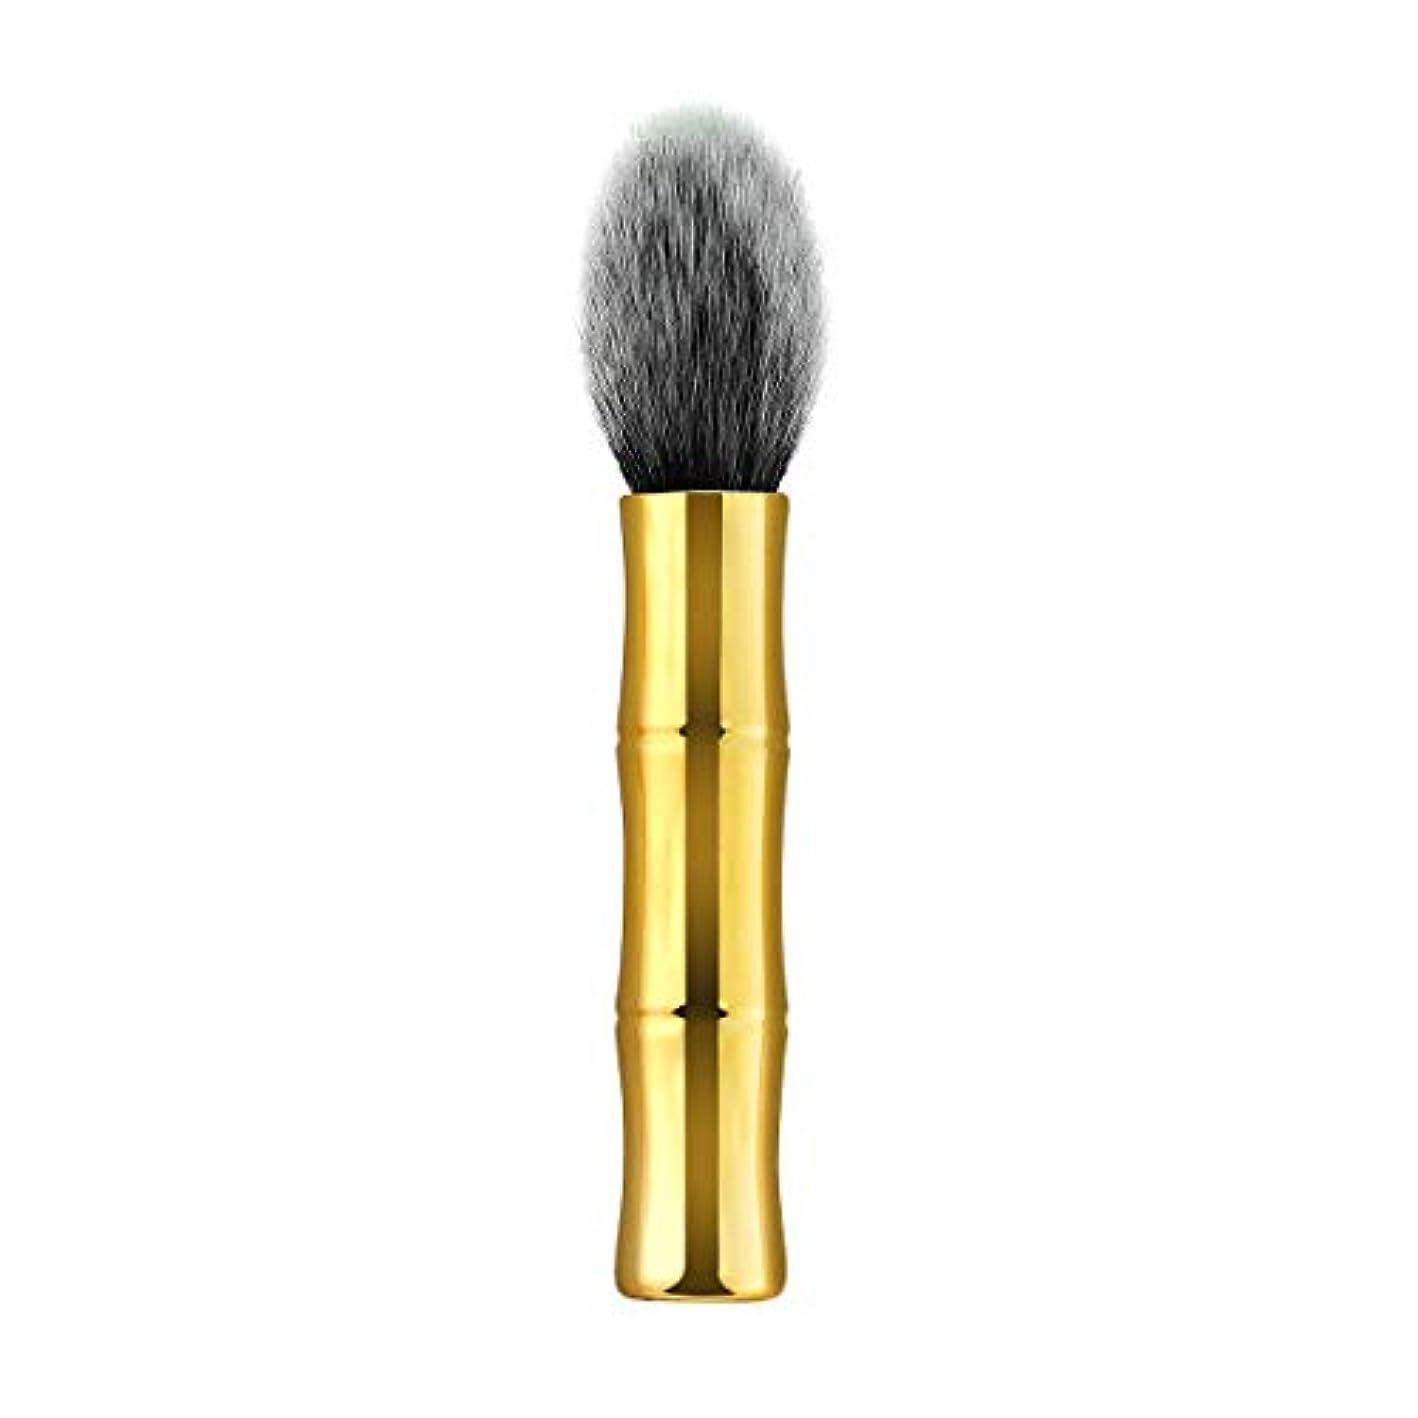 作物ほぼ後悔Lurrose 女性のためのソフトナイロン剛毛化粧ブラシ化粧品パウダーブラッシュブラシ(TM-104)を処理します。